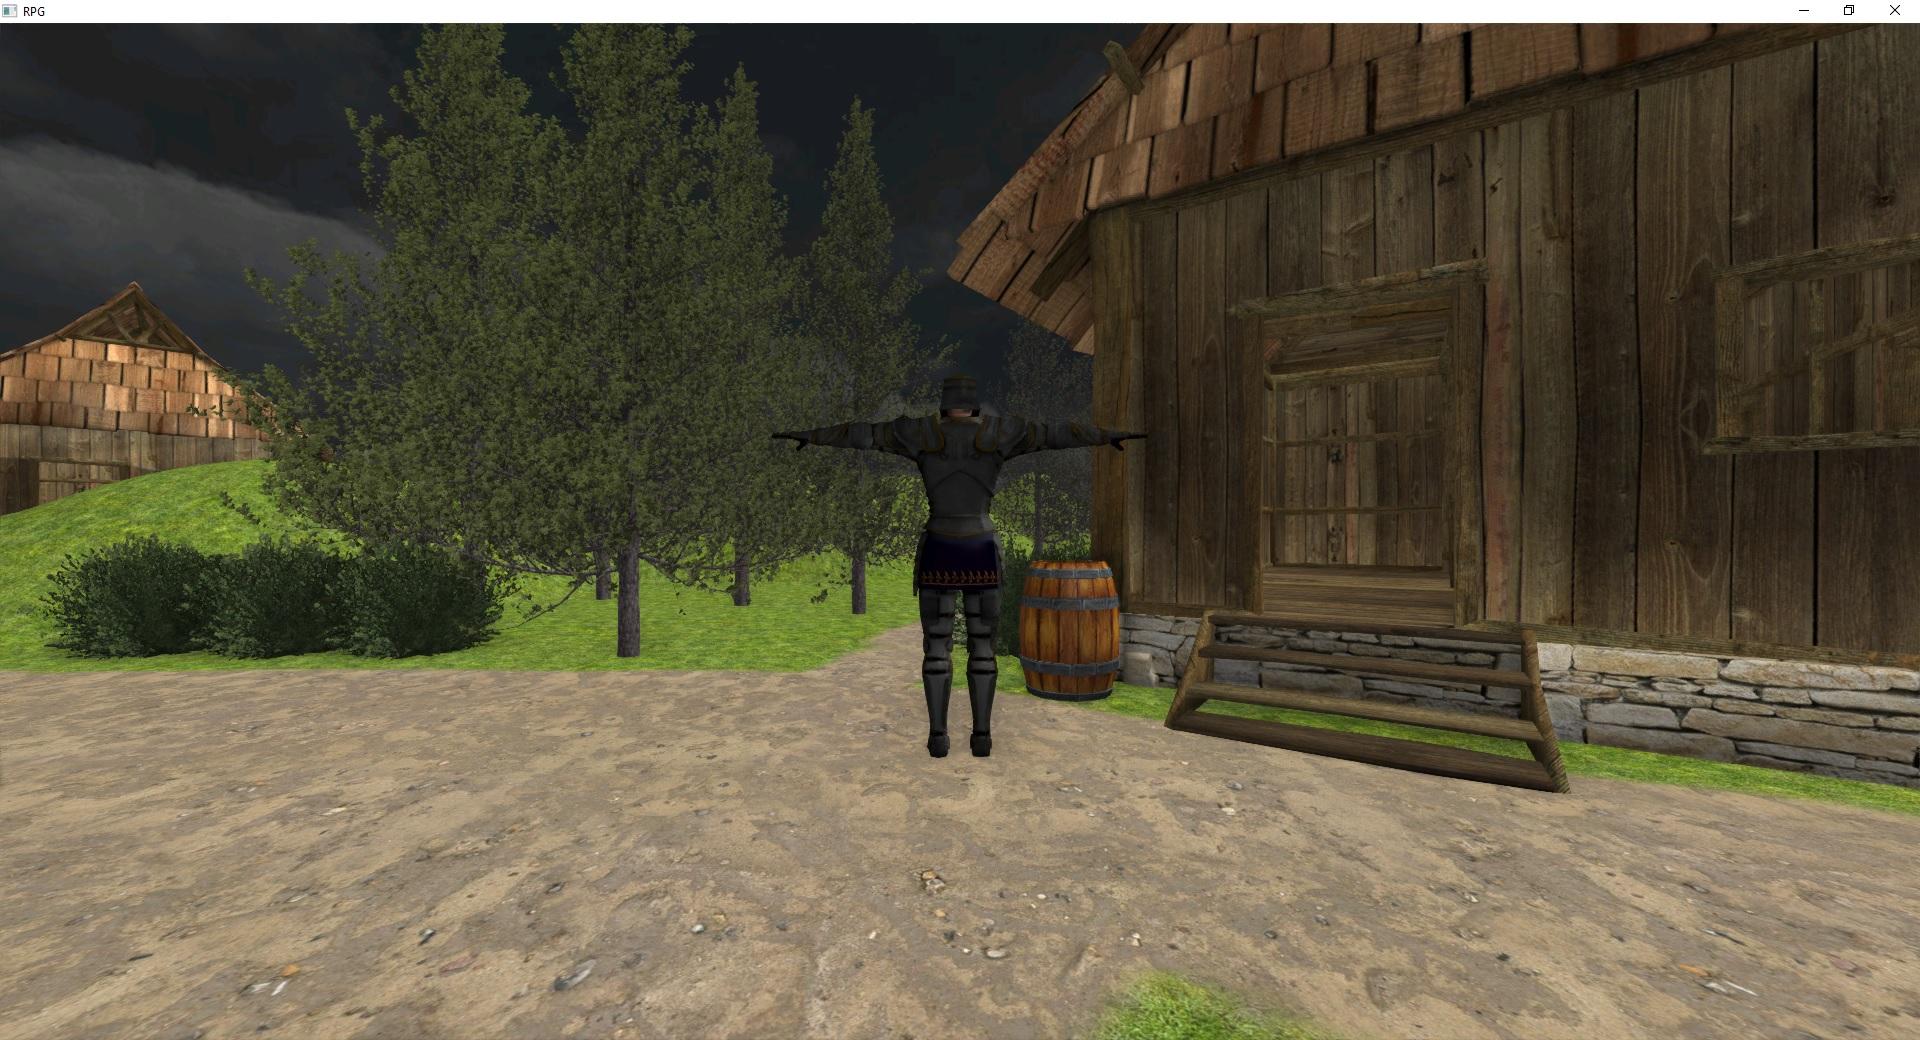 rg3d RPG screenshot